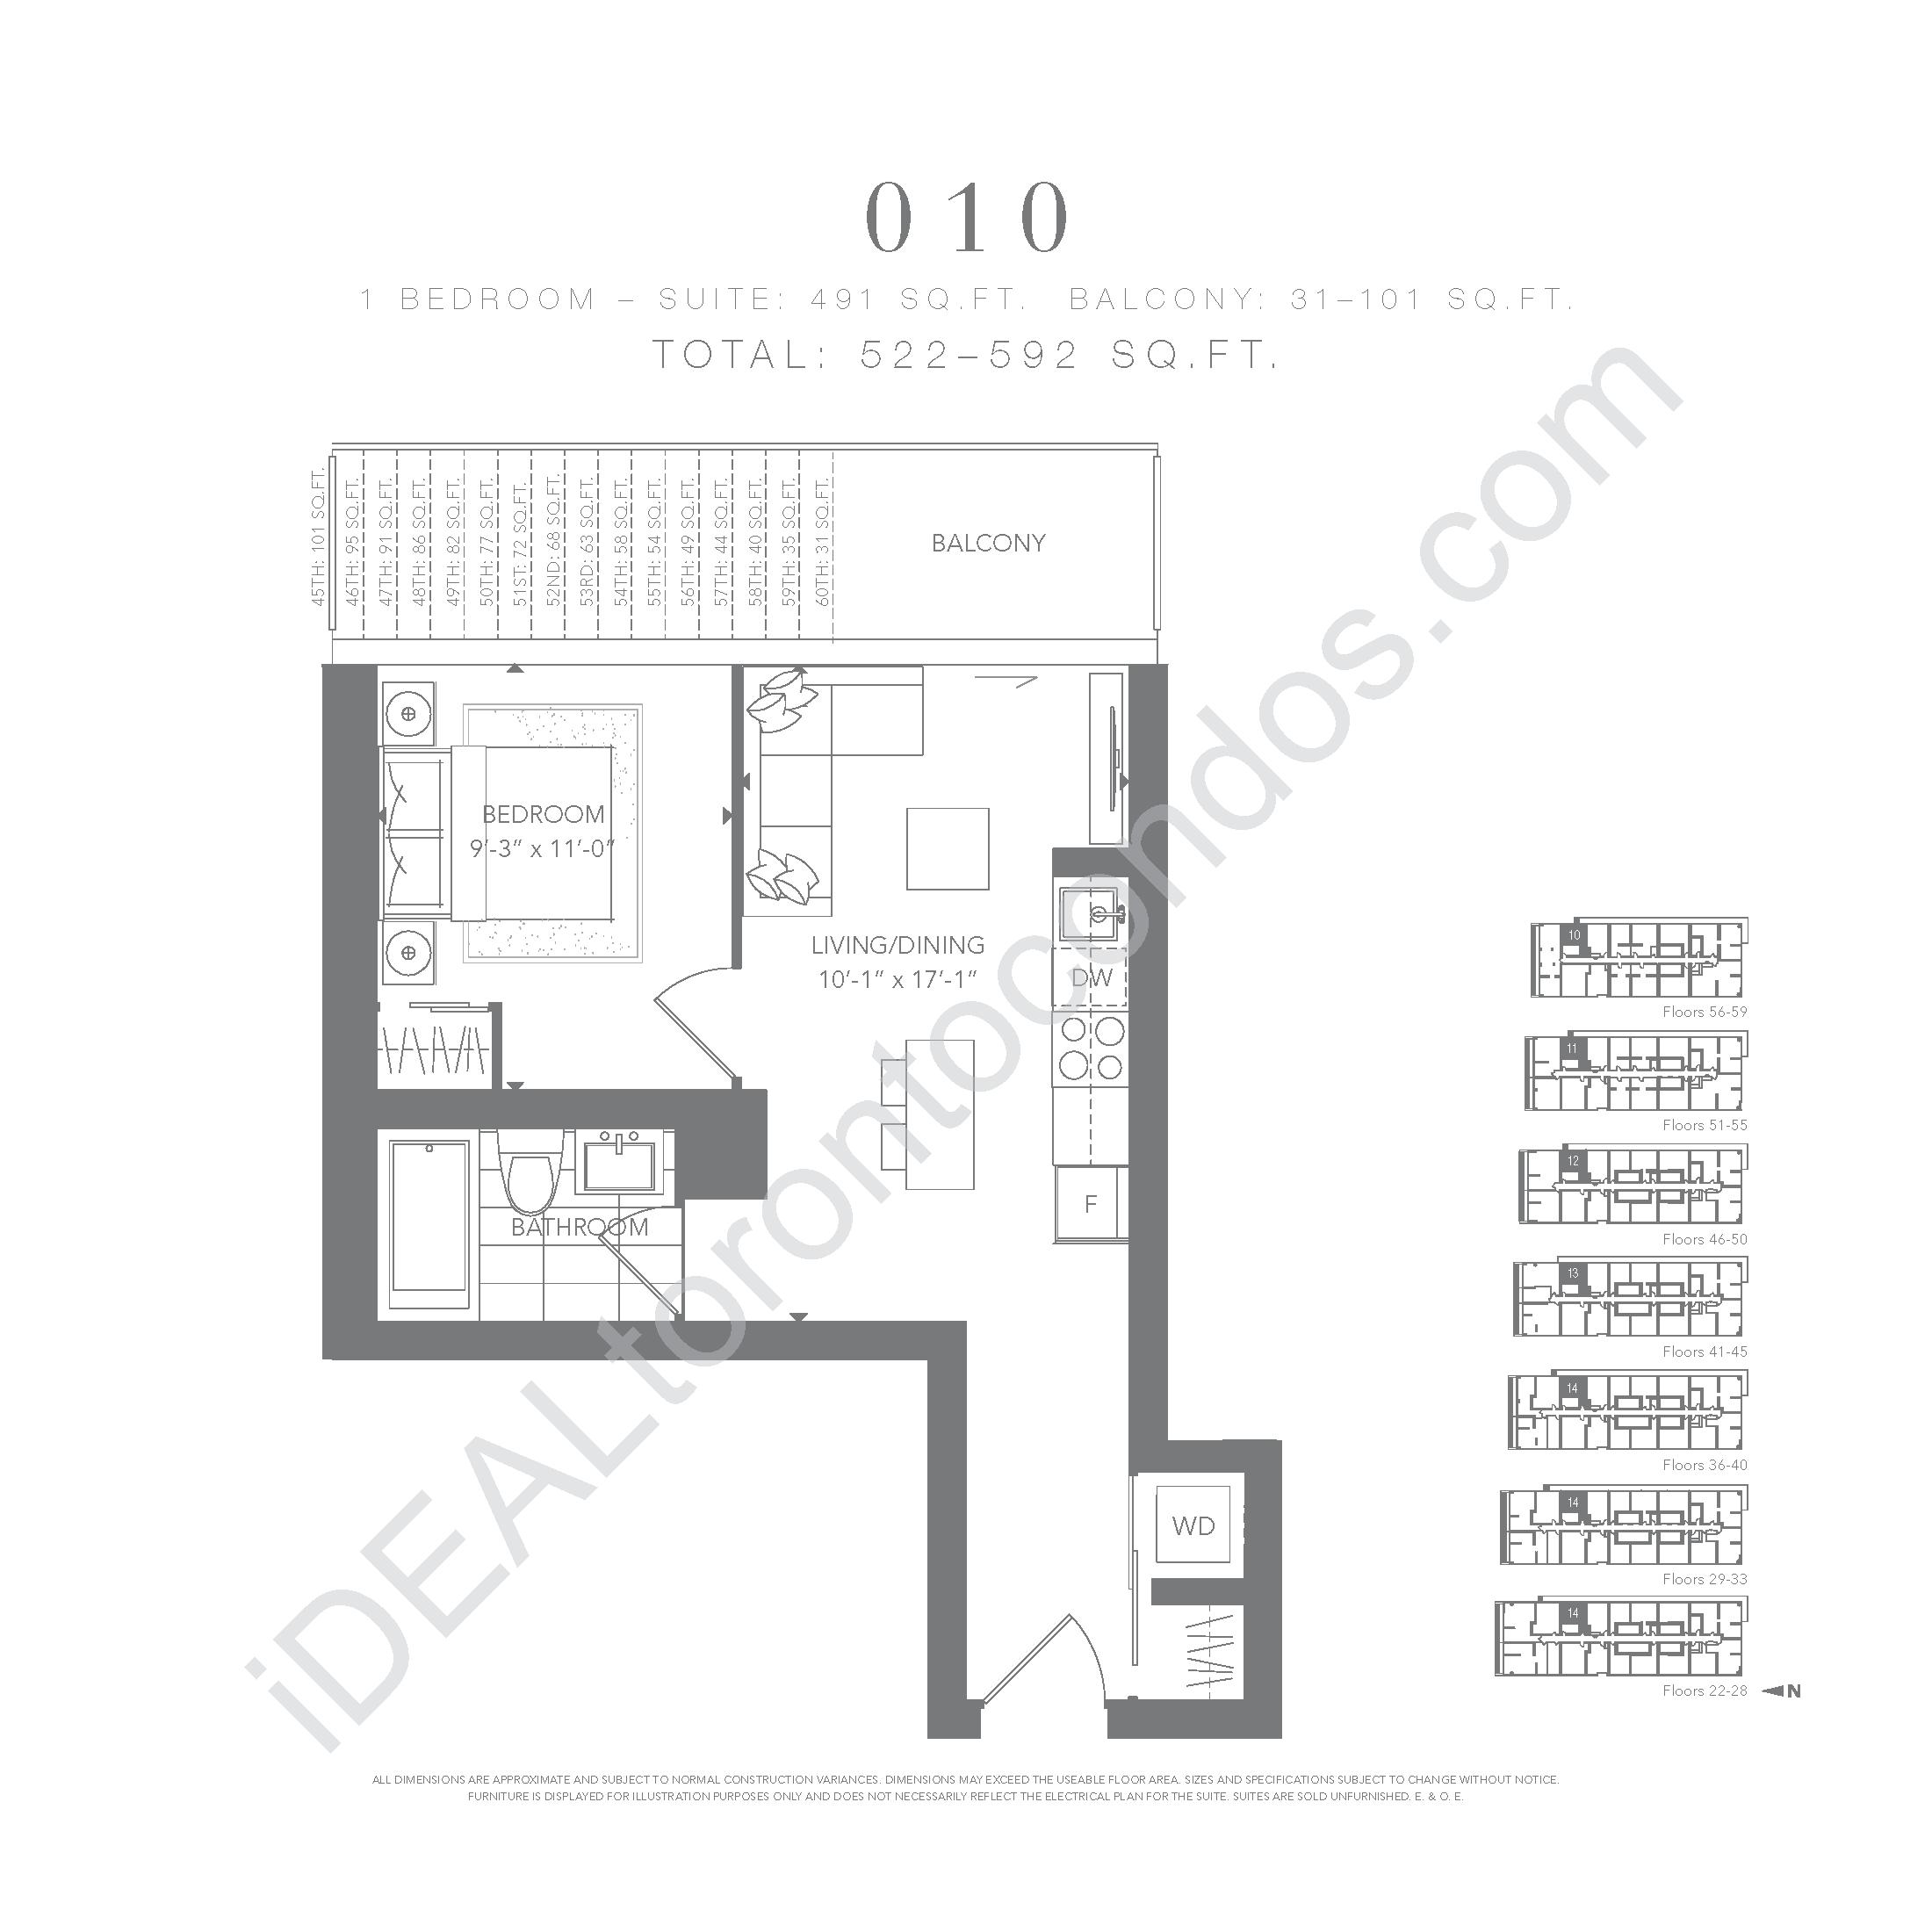 1 bedroom 010